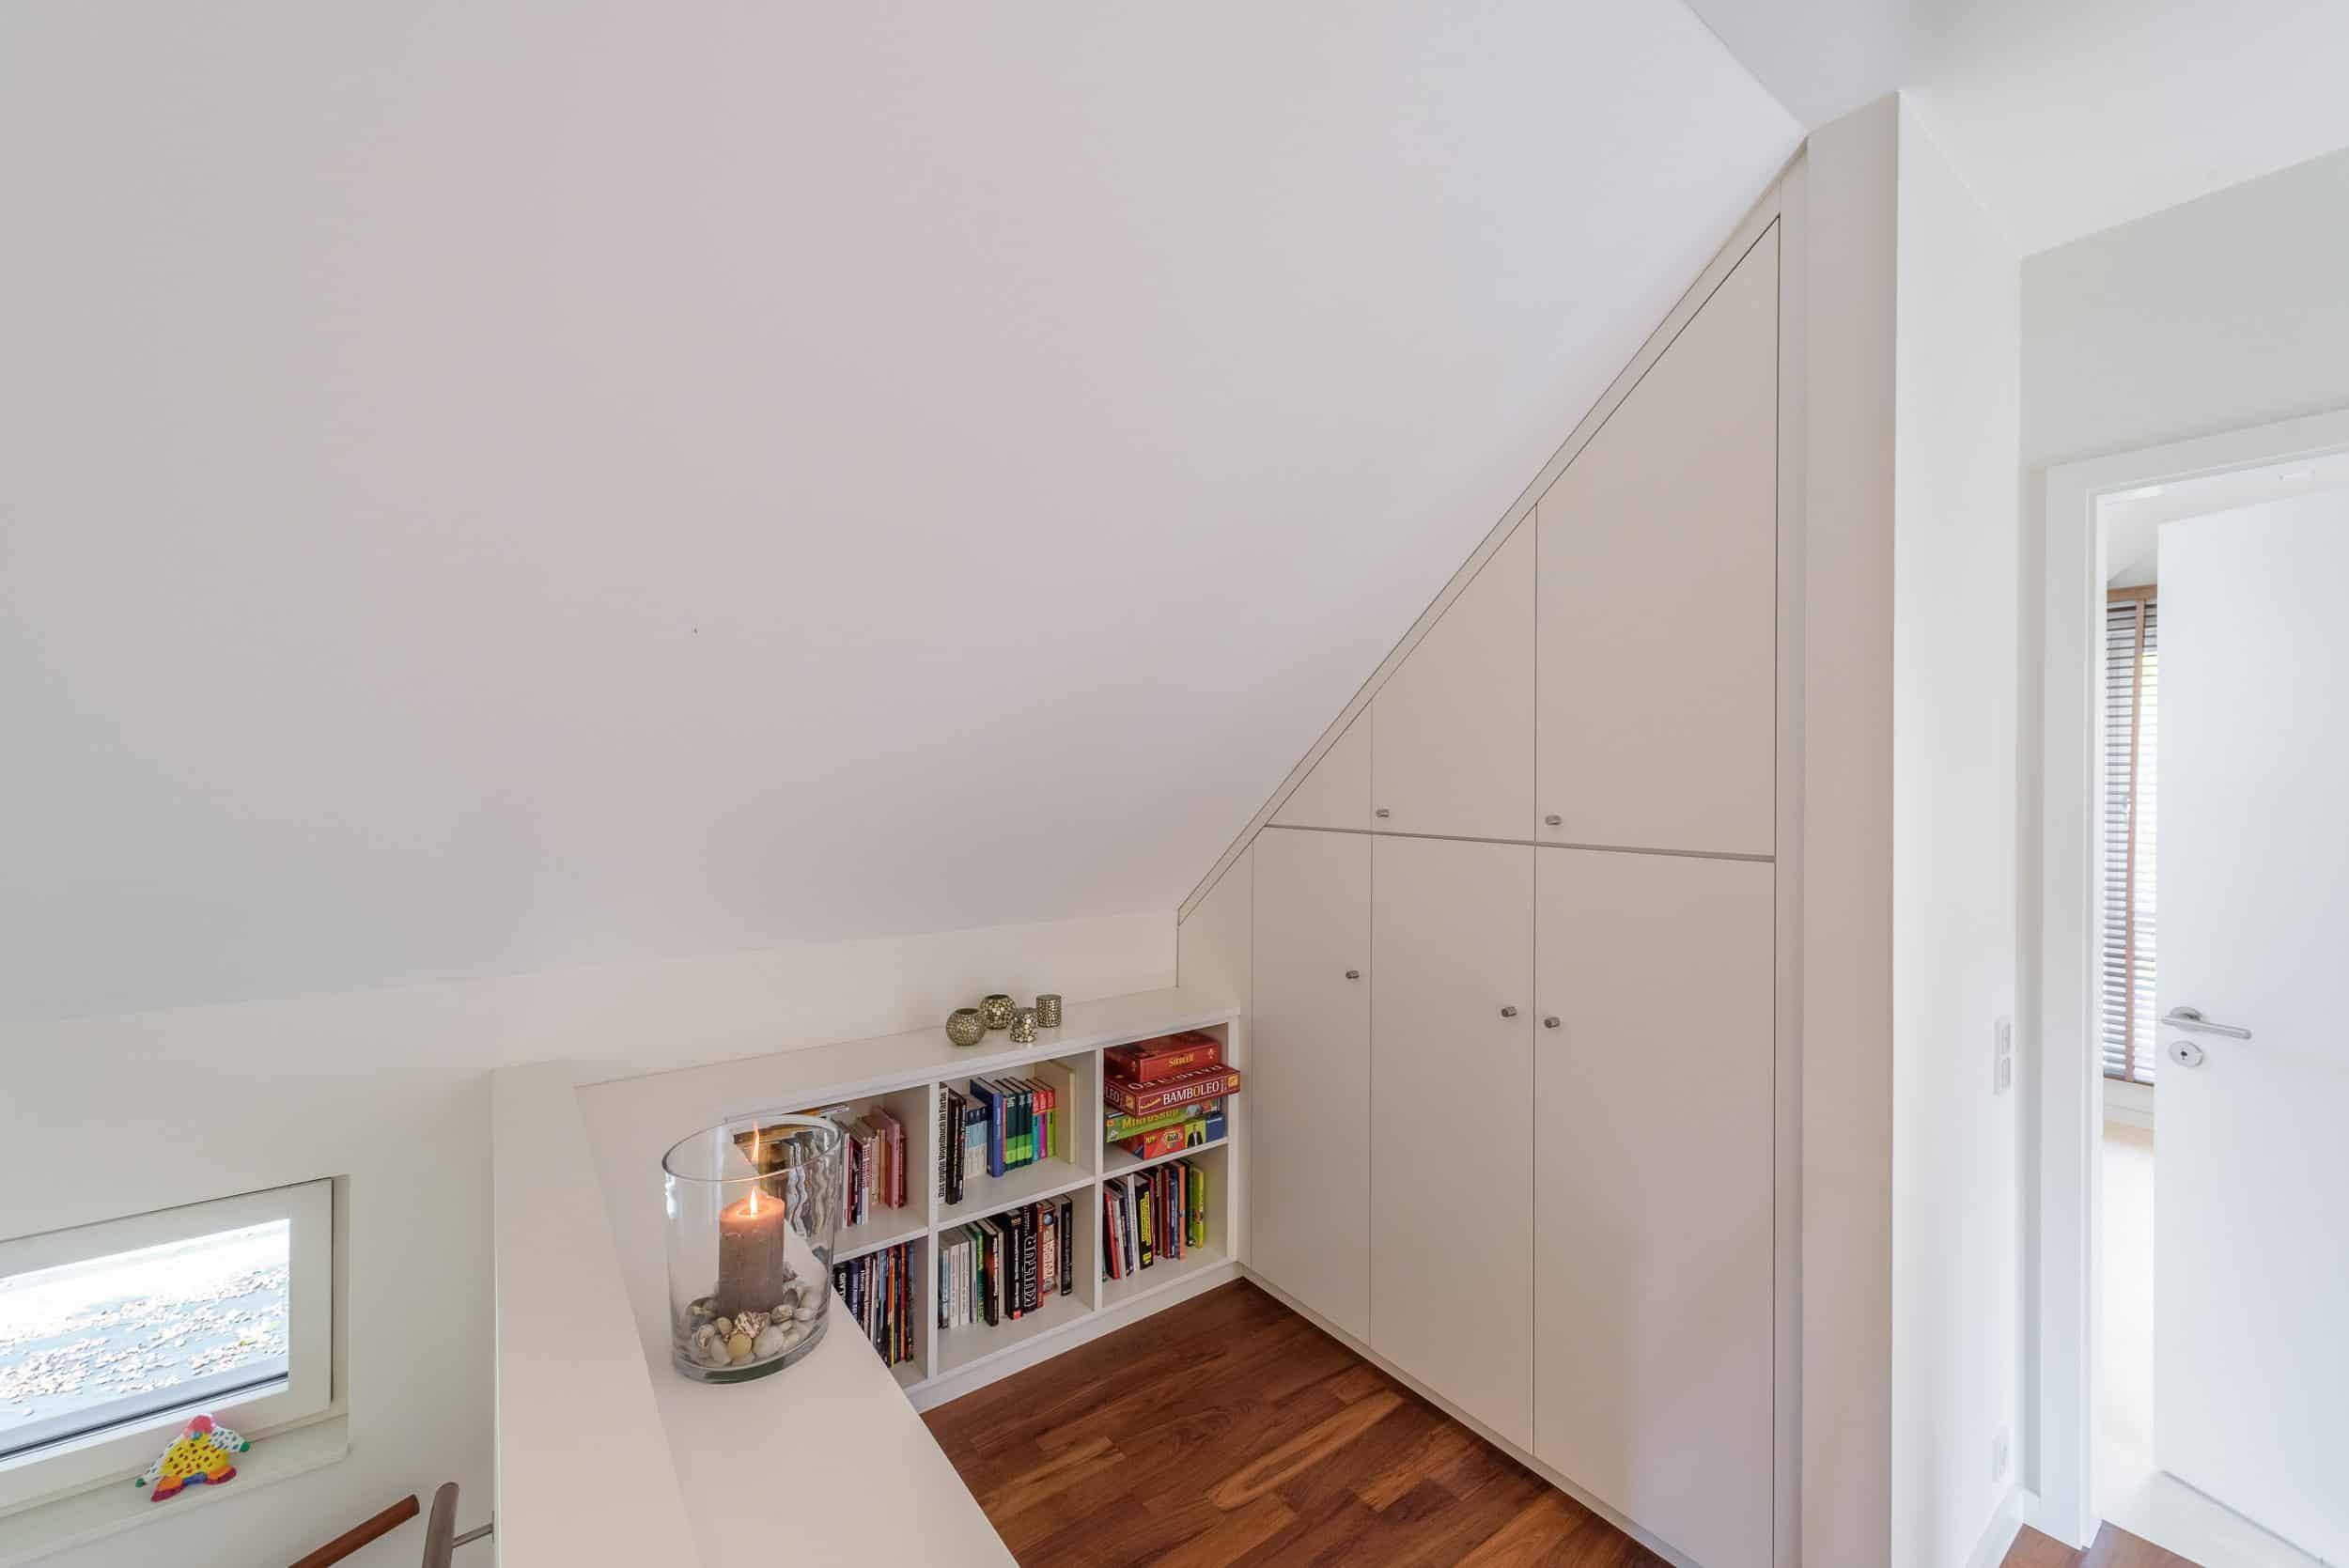 Flächenbündiger Einbauschrank und Bücherregal unter einer Dachschräge